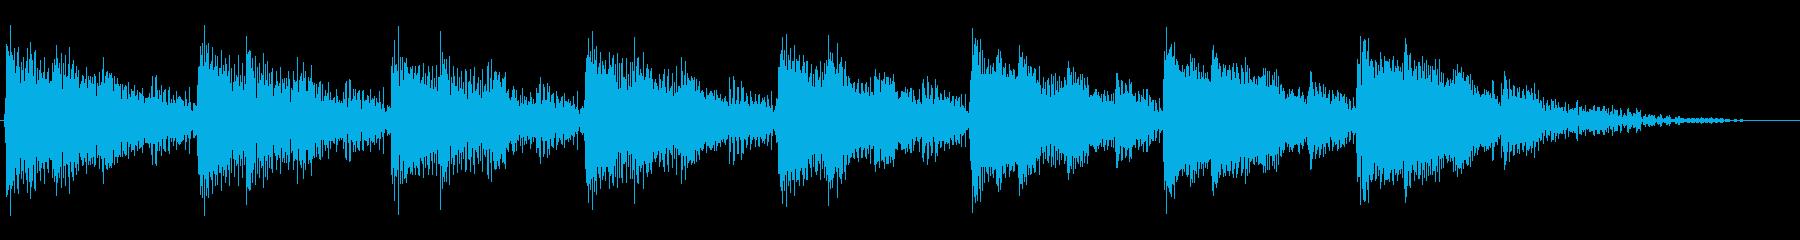 動力系機器の正常運転音をイメージさせる音の再生済みの波形